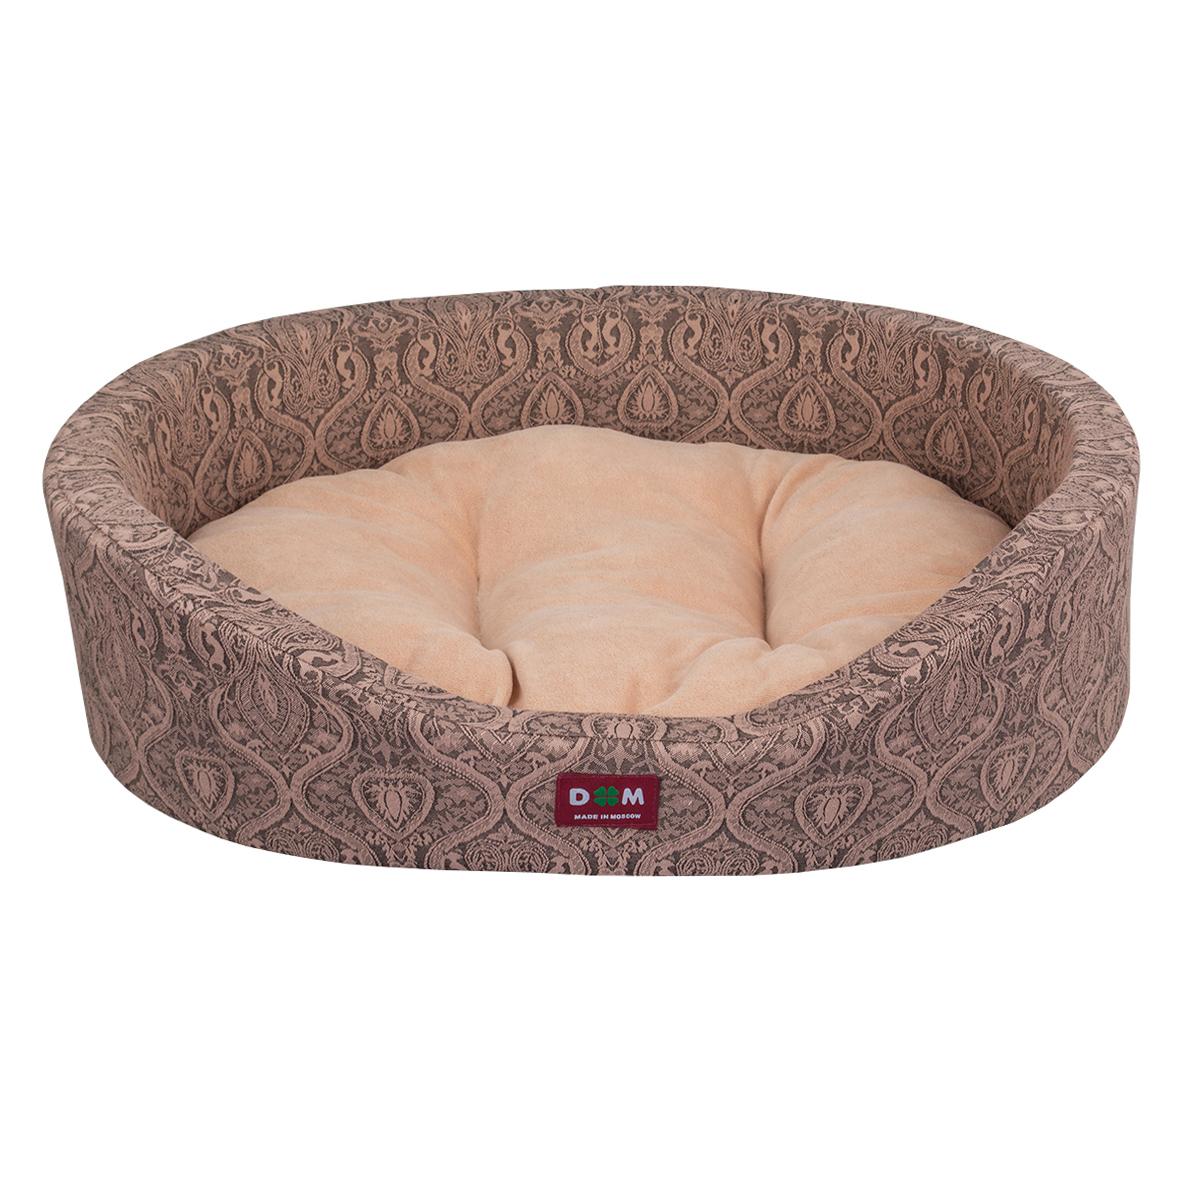 Лежак для животных Dogmoda Дуэт, цвет: бежевый. DM-160281-2DM-160281-2Уютный лежак обязательно понравится Вашей собачке. В нем Ваш питомец будет счастлив, так как лежак очень мягкий и приятный. Пёсик будет проводить все свое свободное время в нем, отдыхать, наслаждаясь удобством. Лежак выполнен из мягкой качественной ткани, также имеется подушка, которая легко вынимается и ее можно использовать отдельно.